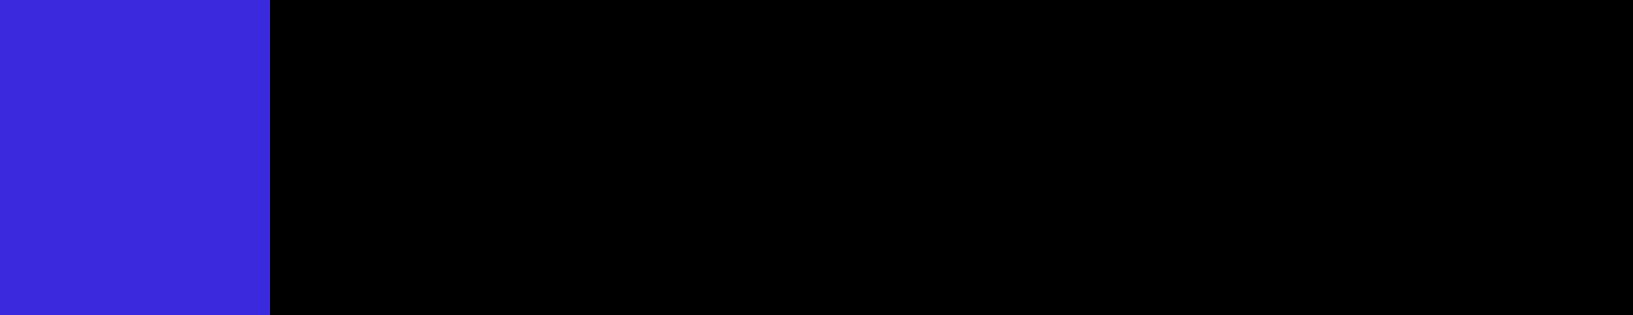 hi conversion logo